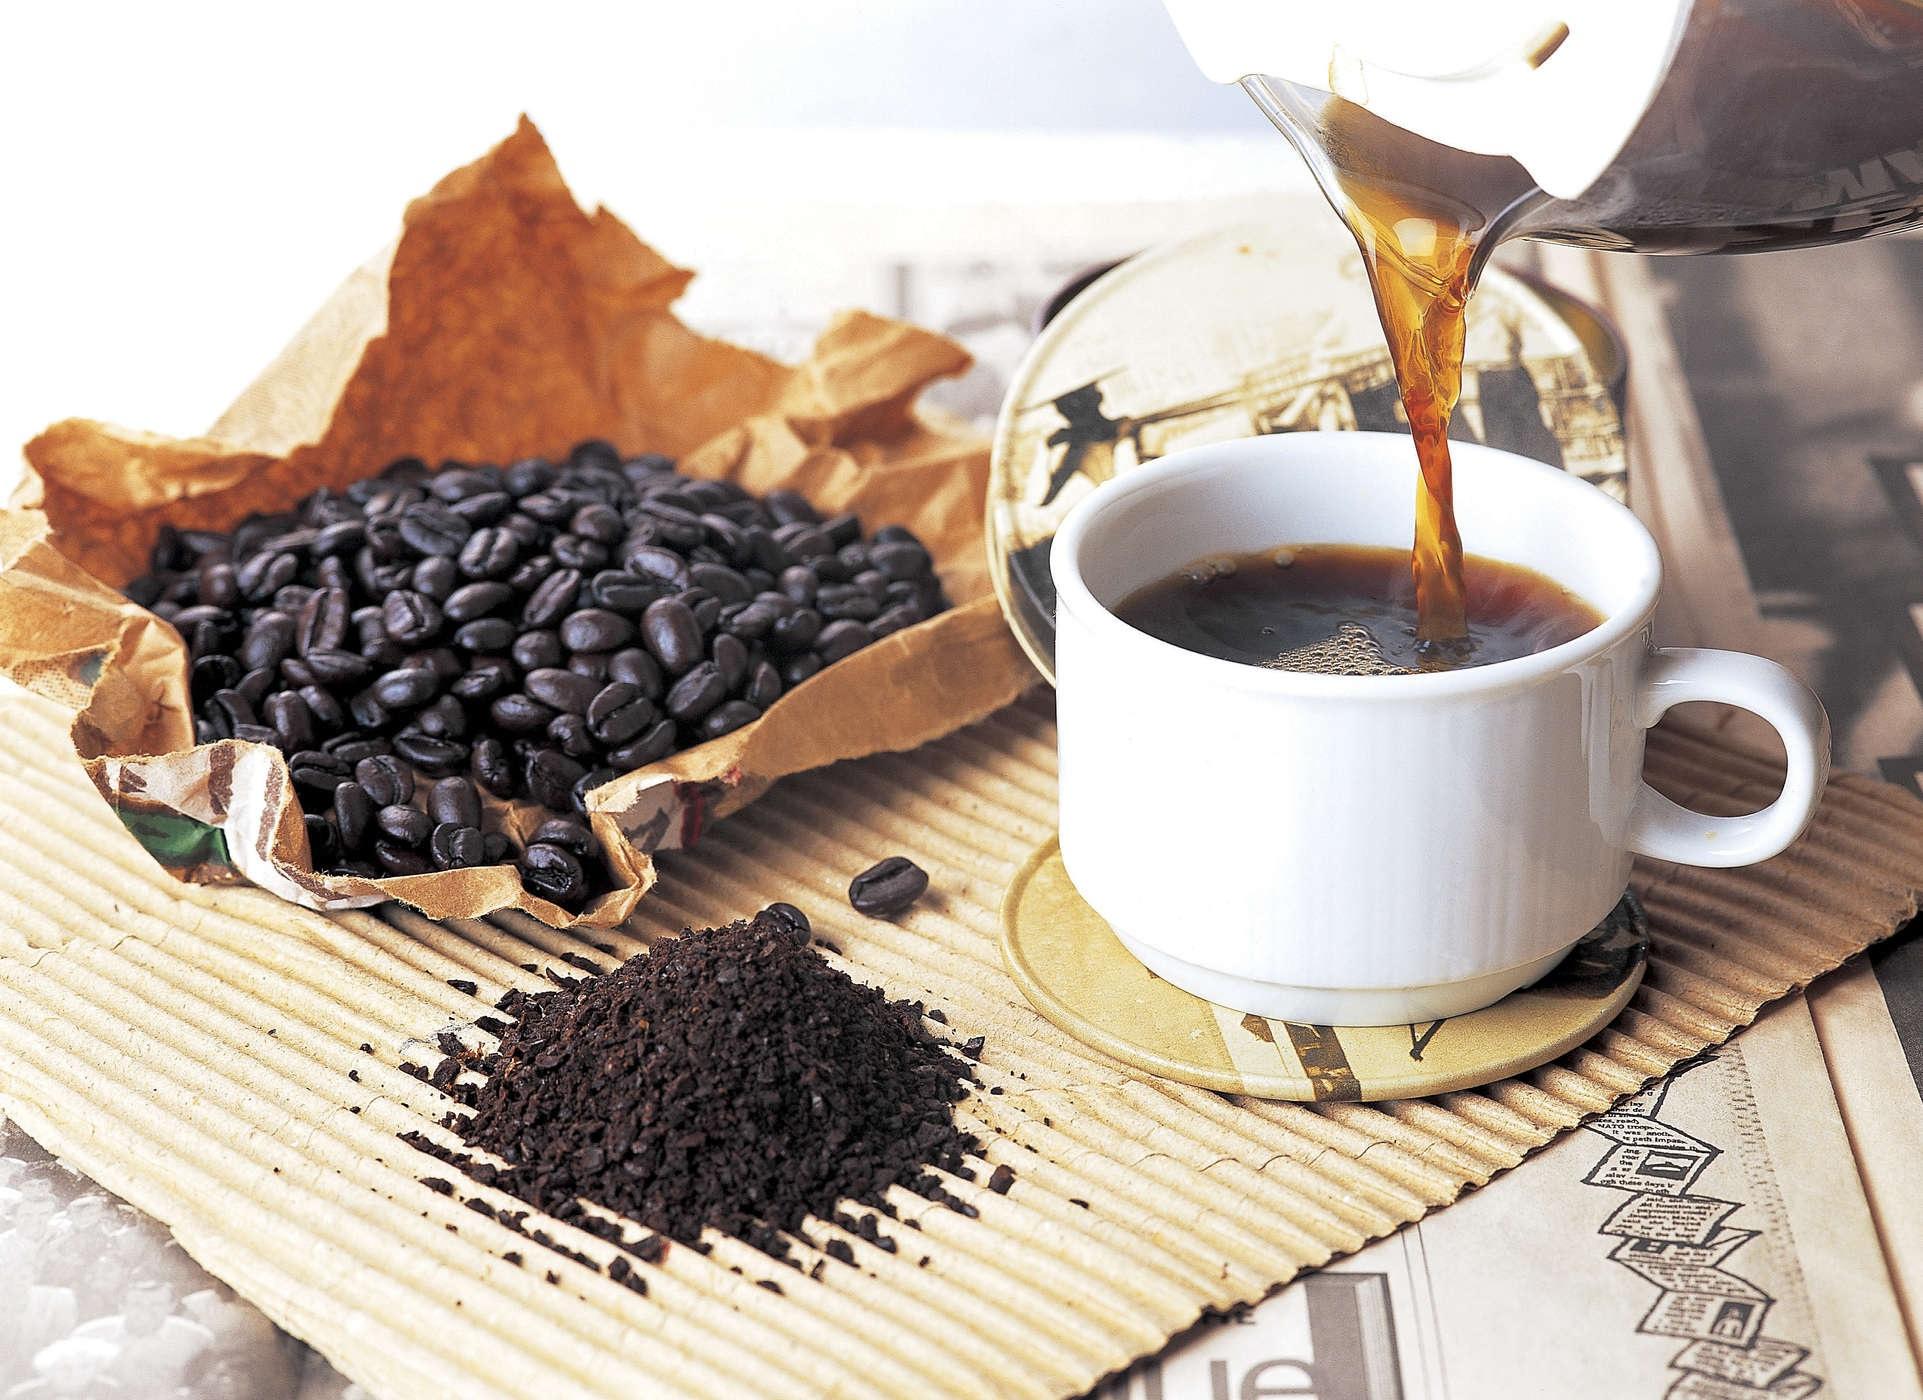 Mua cà phê chồn ngon tại Cà phê Nguyên Chất